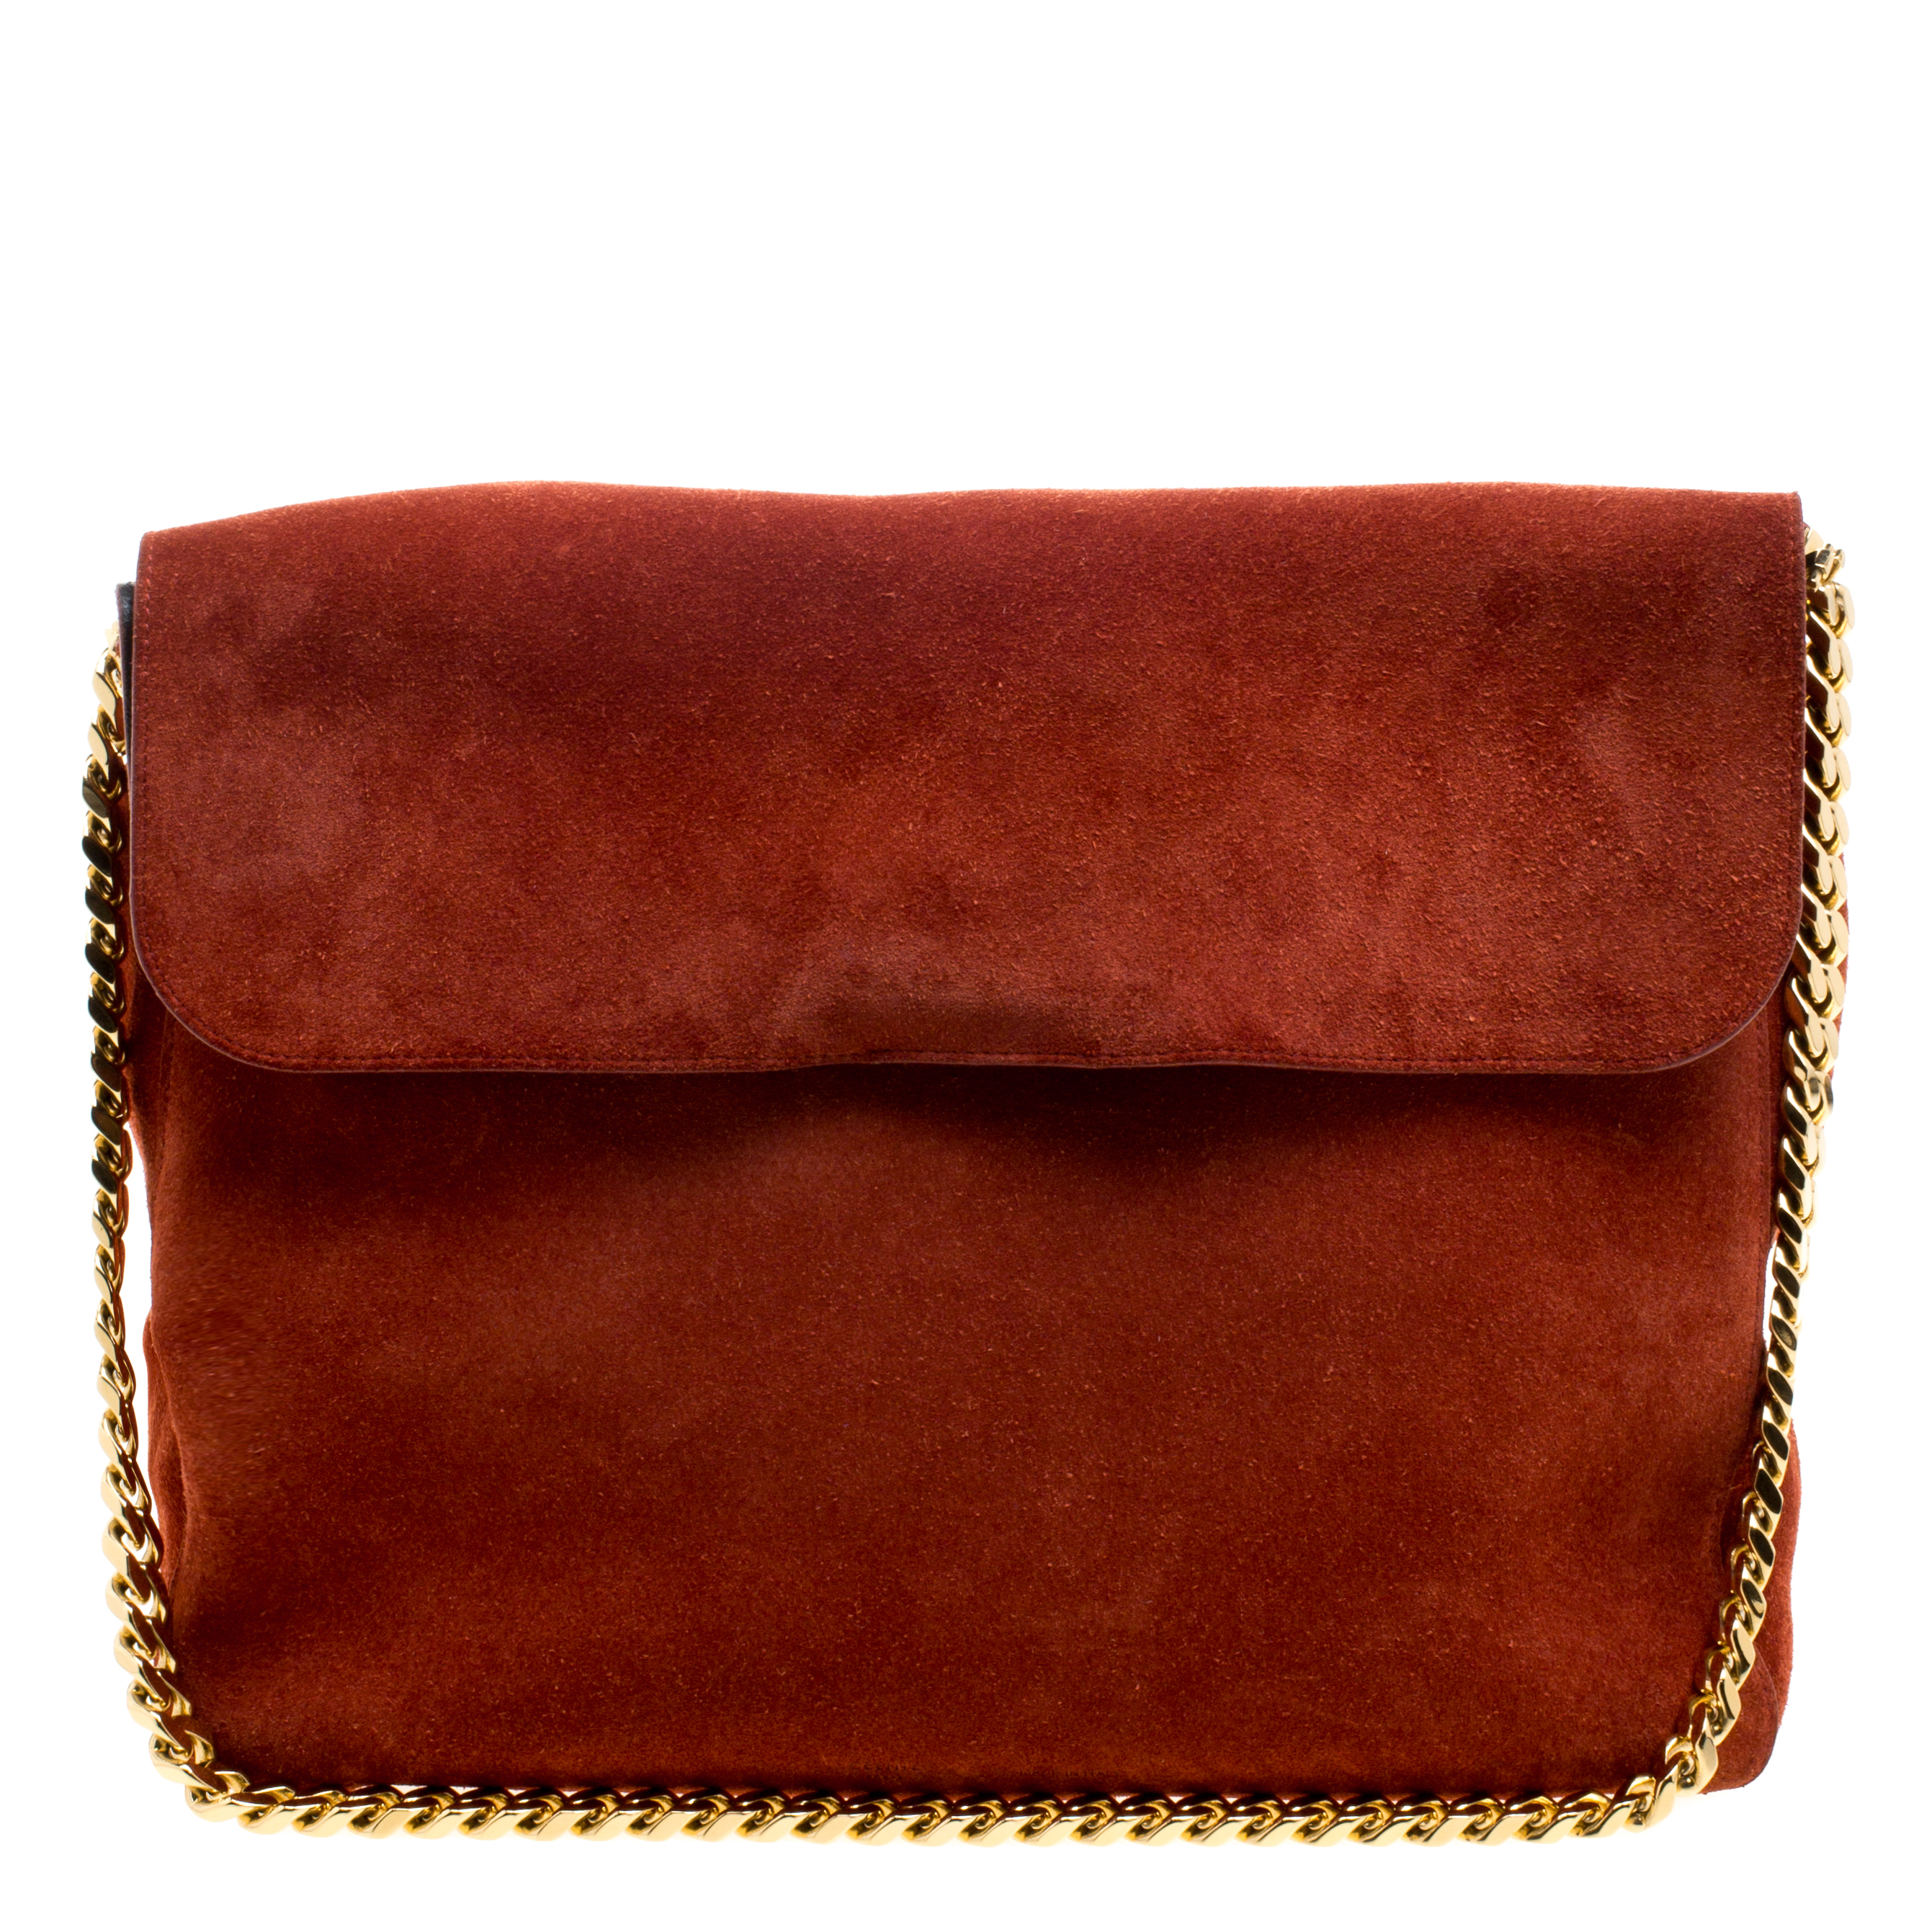 2021461d3a7 Buy Celine Red Suede Gourmette Shoulder Bag 117403 at best price